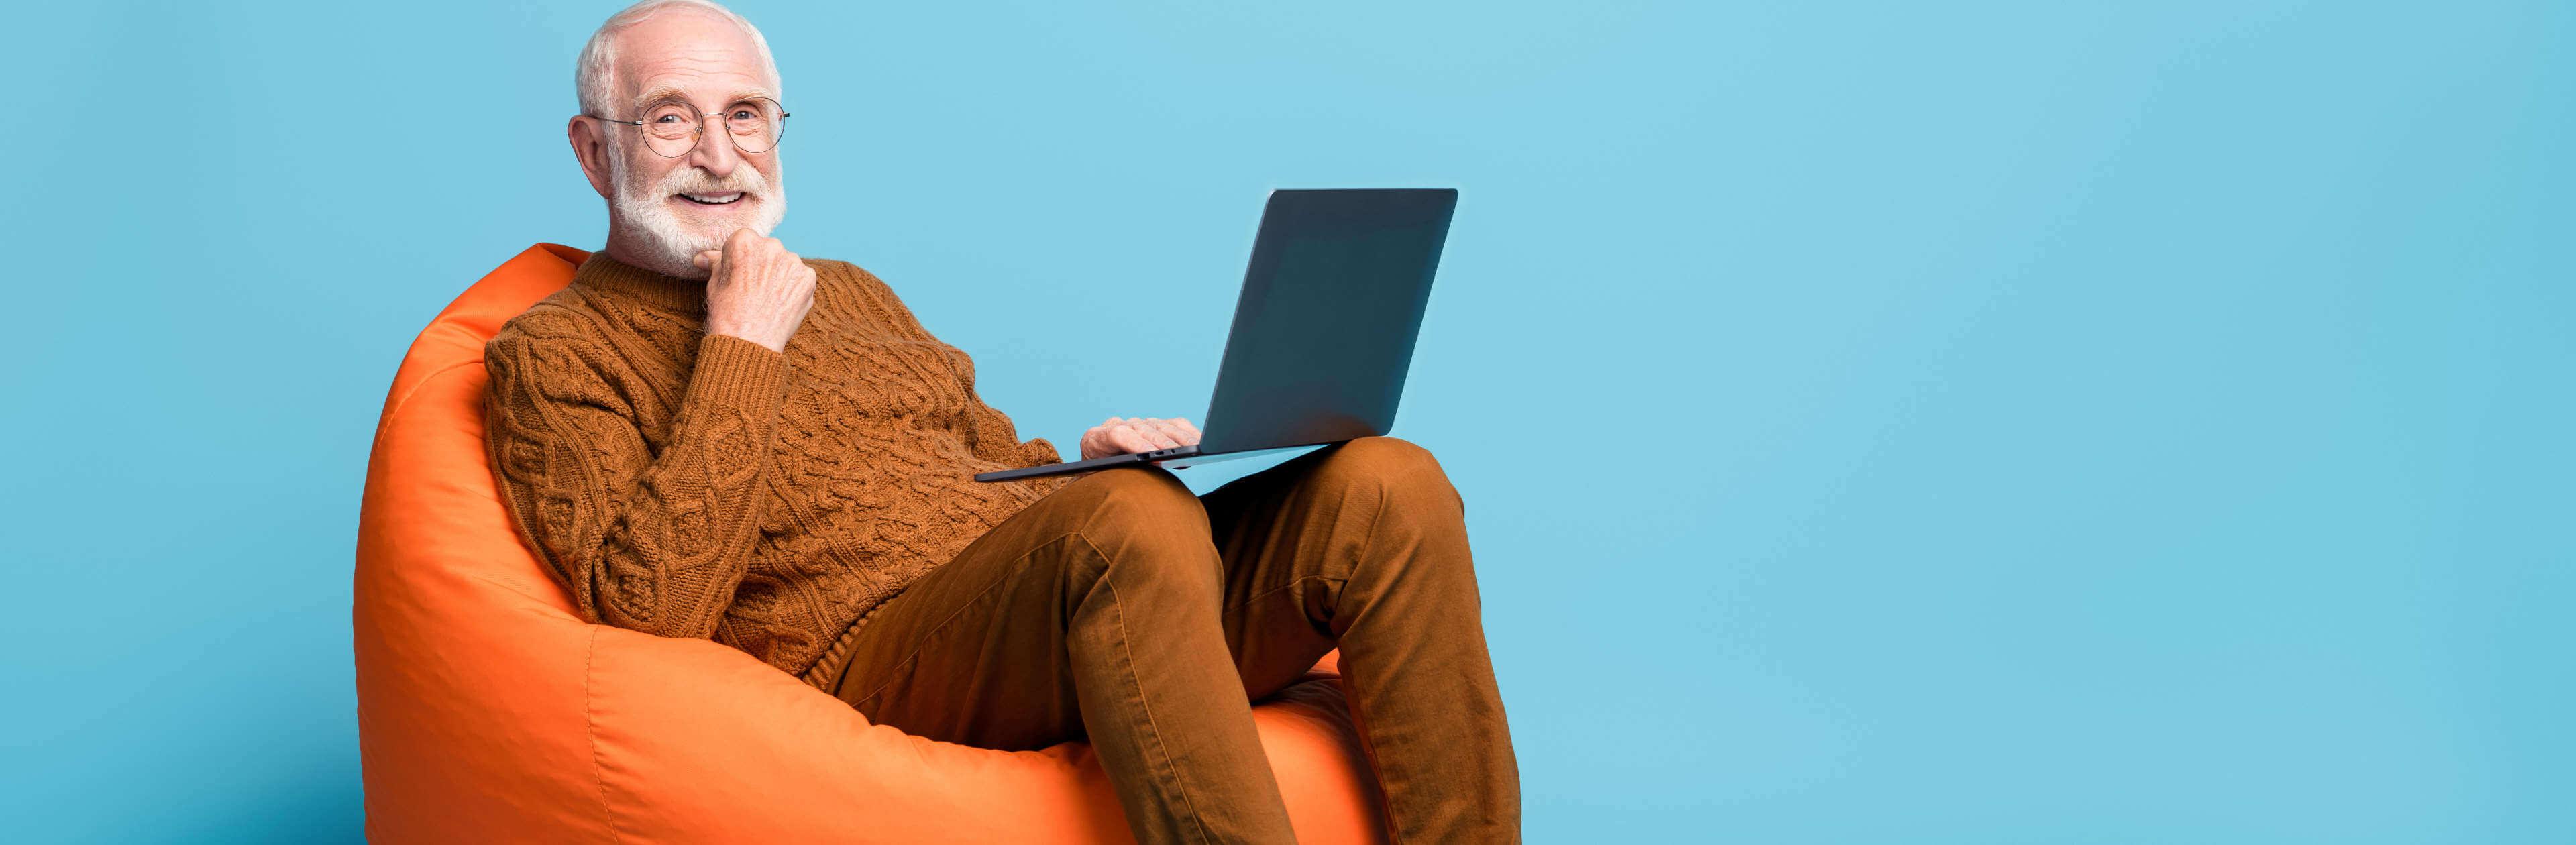 Qualitätssicherung bei Onlinebefragungen